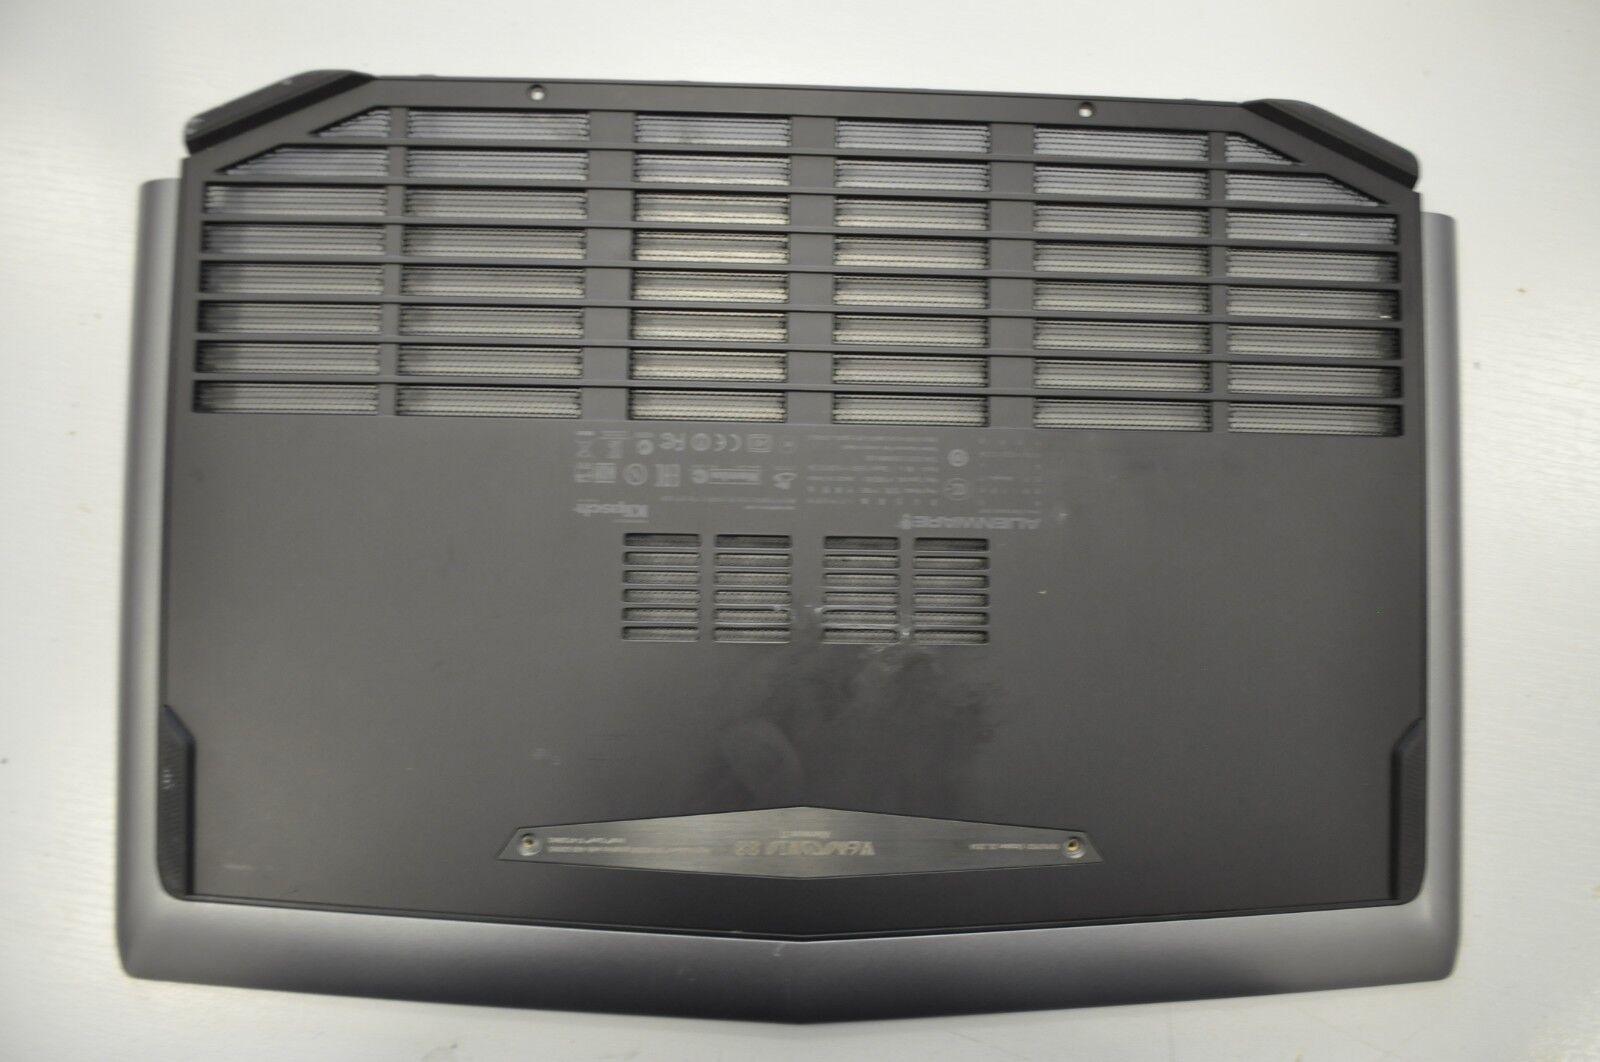 Dell Alienware M17X R5 Bottom Acces Panel Door Cover